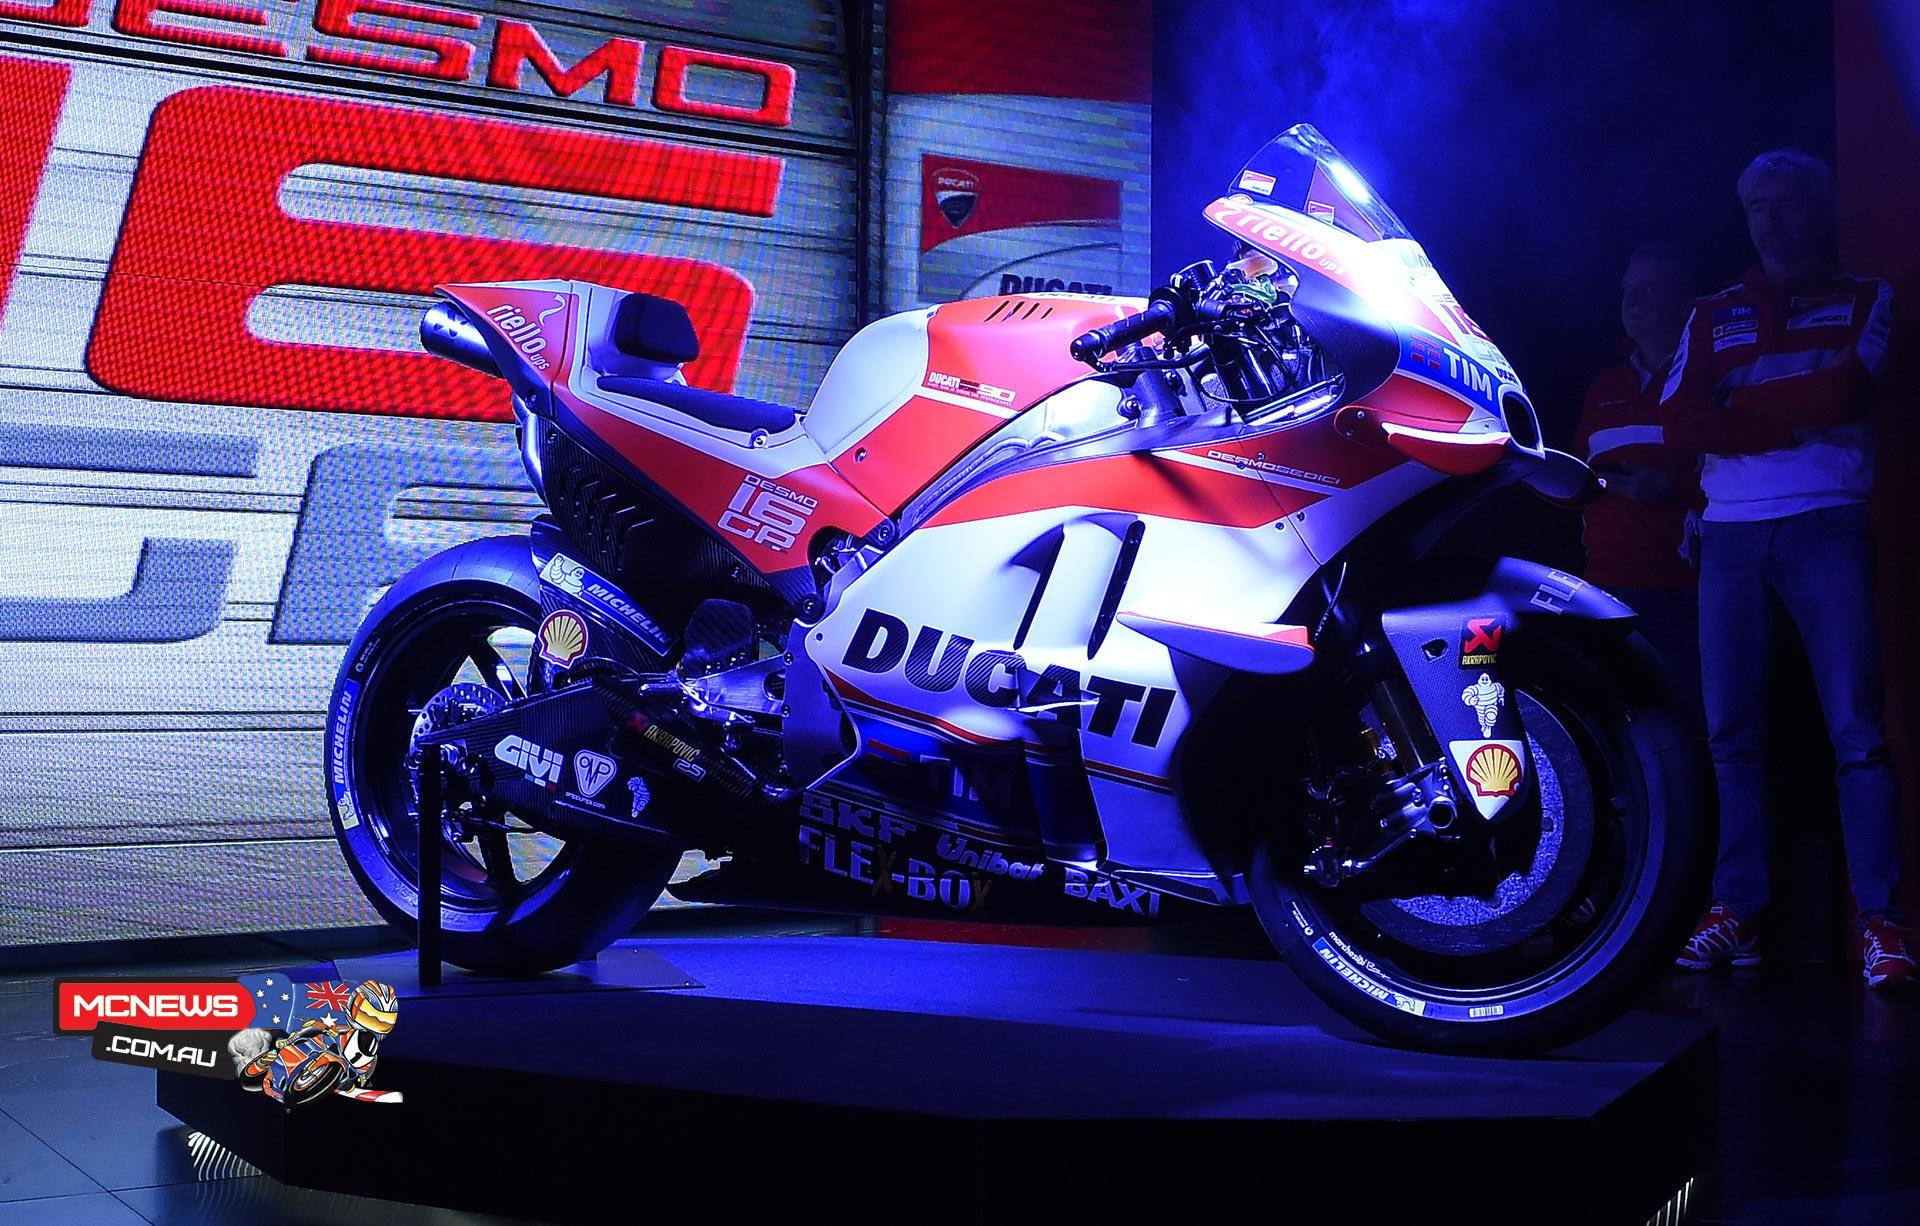 2016 Ducati MotoGP Team - 2016 Ducati Desmosedici